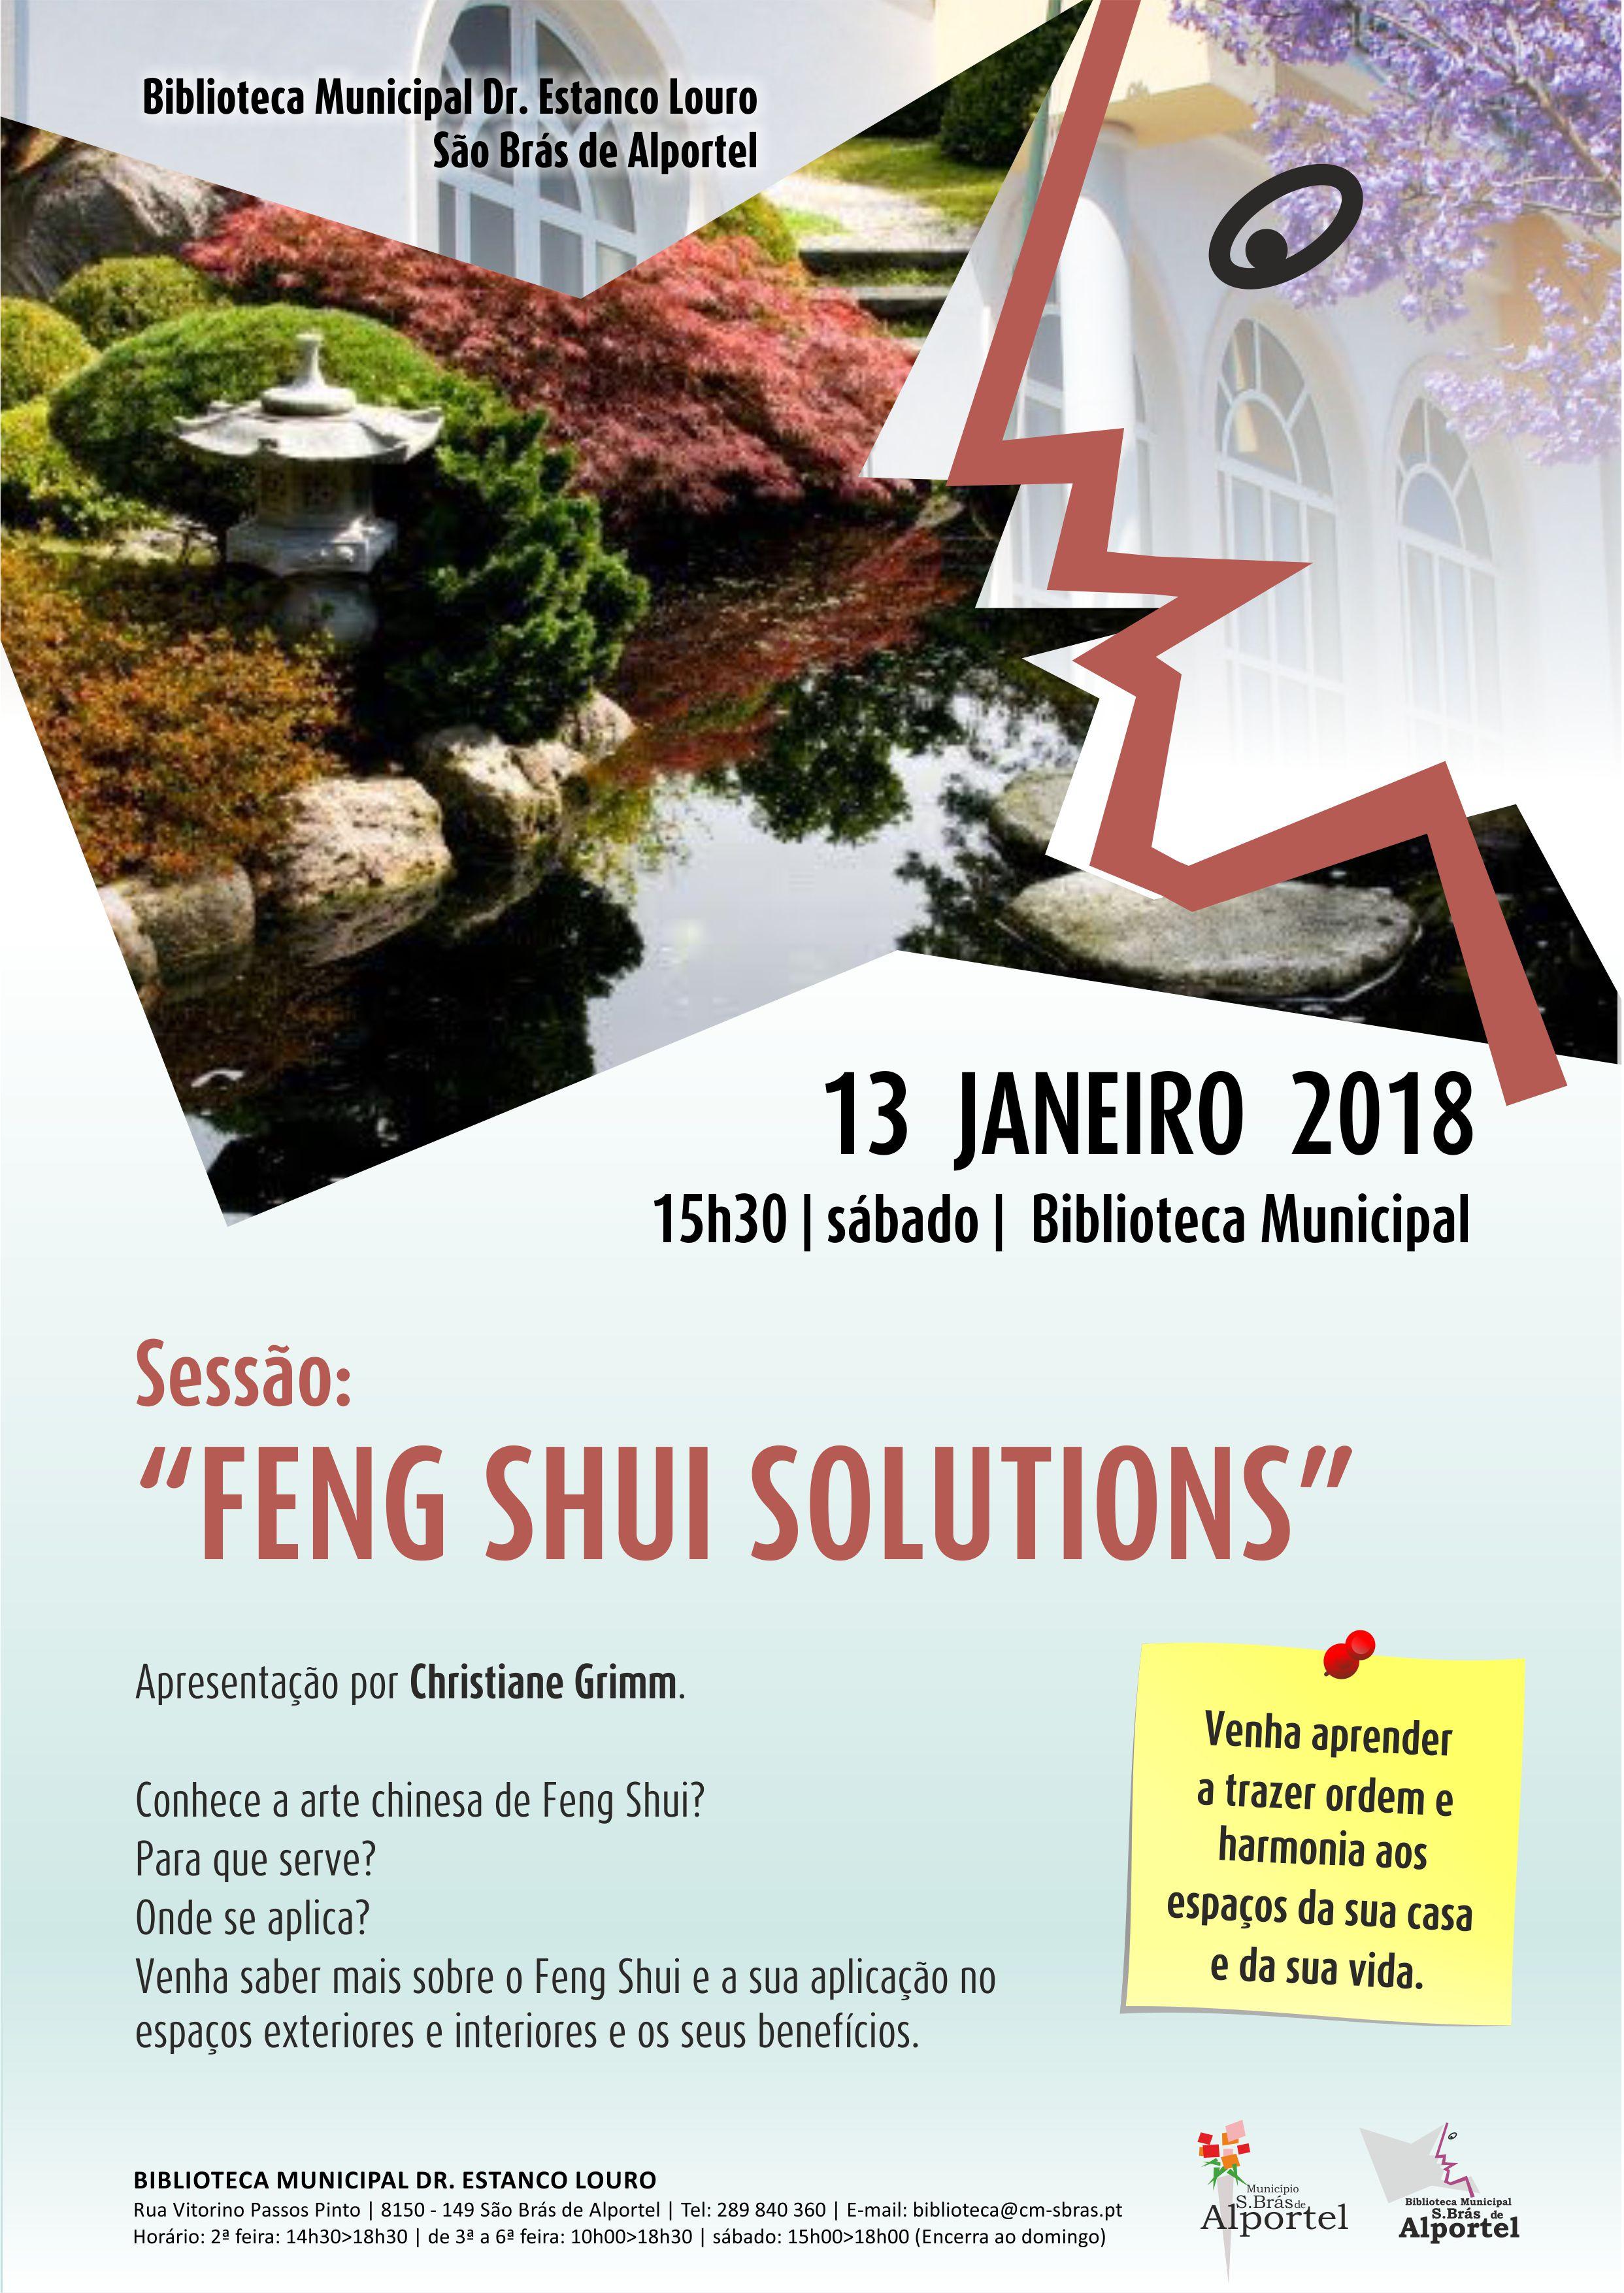 cartaz da sessão de feng shui